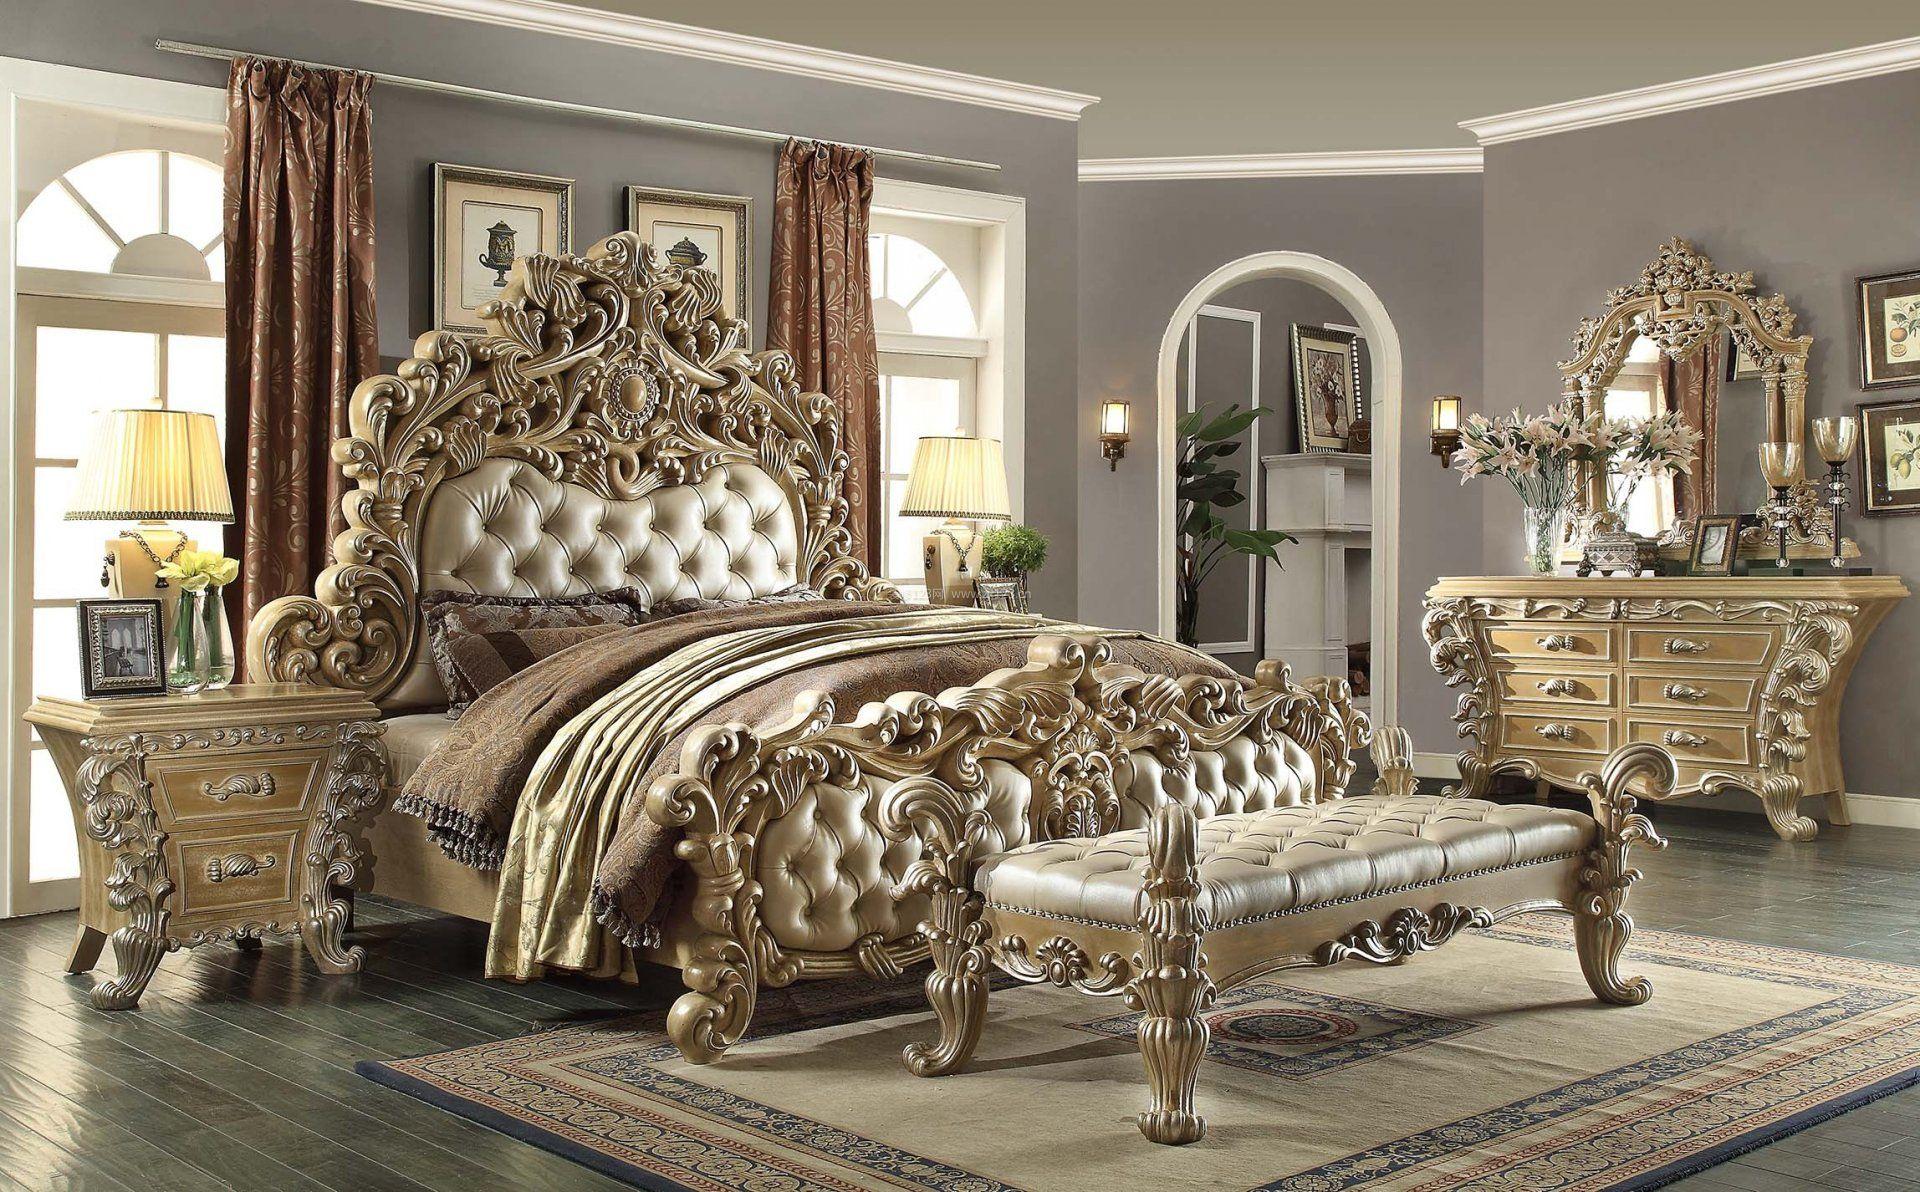 卧室欧式家具装修摆放图片2017